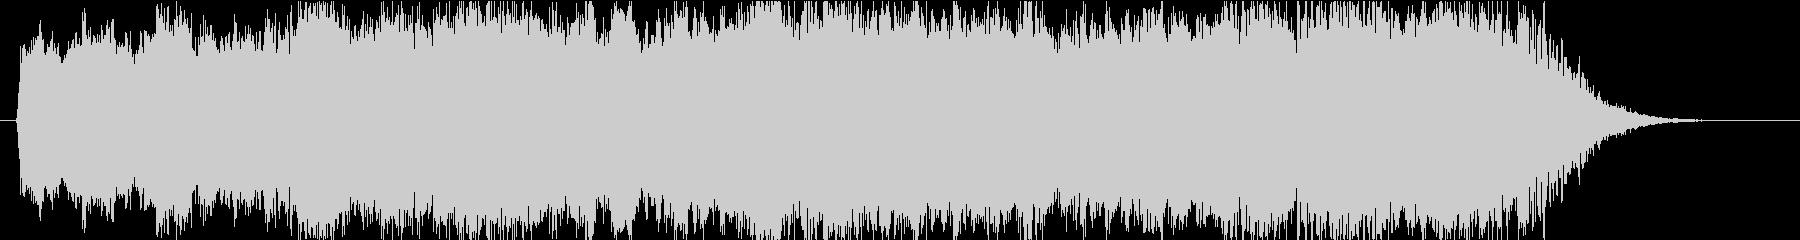 メロトロンとストリングスの幻想的な曲の未再生の波形